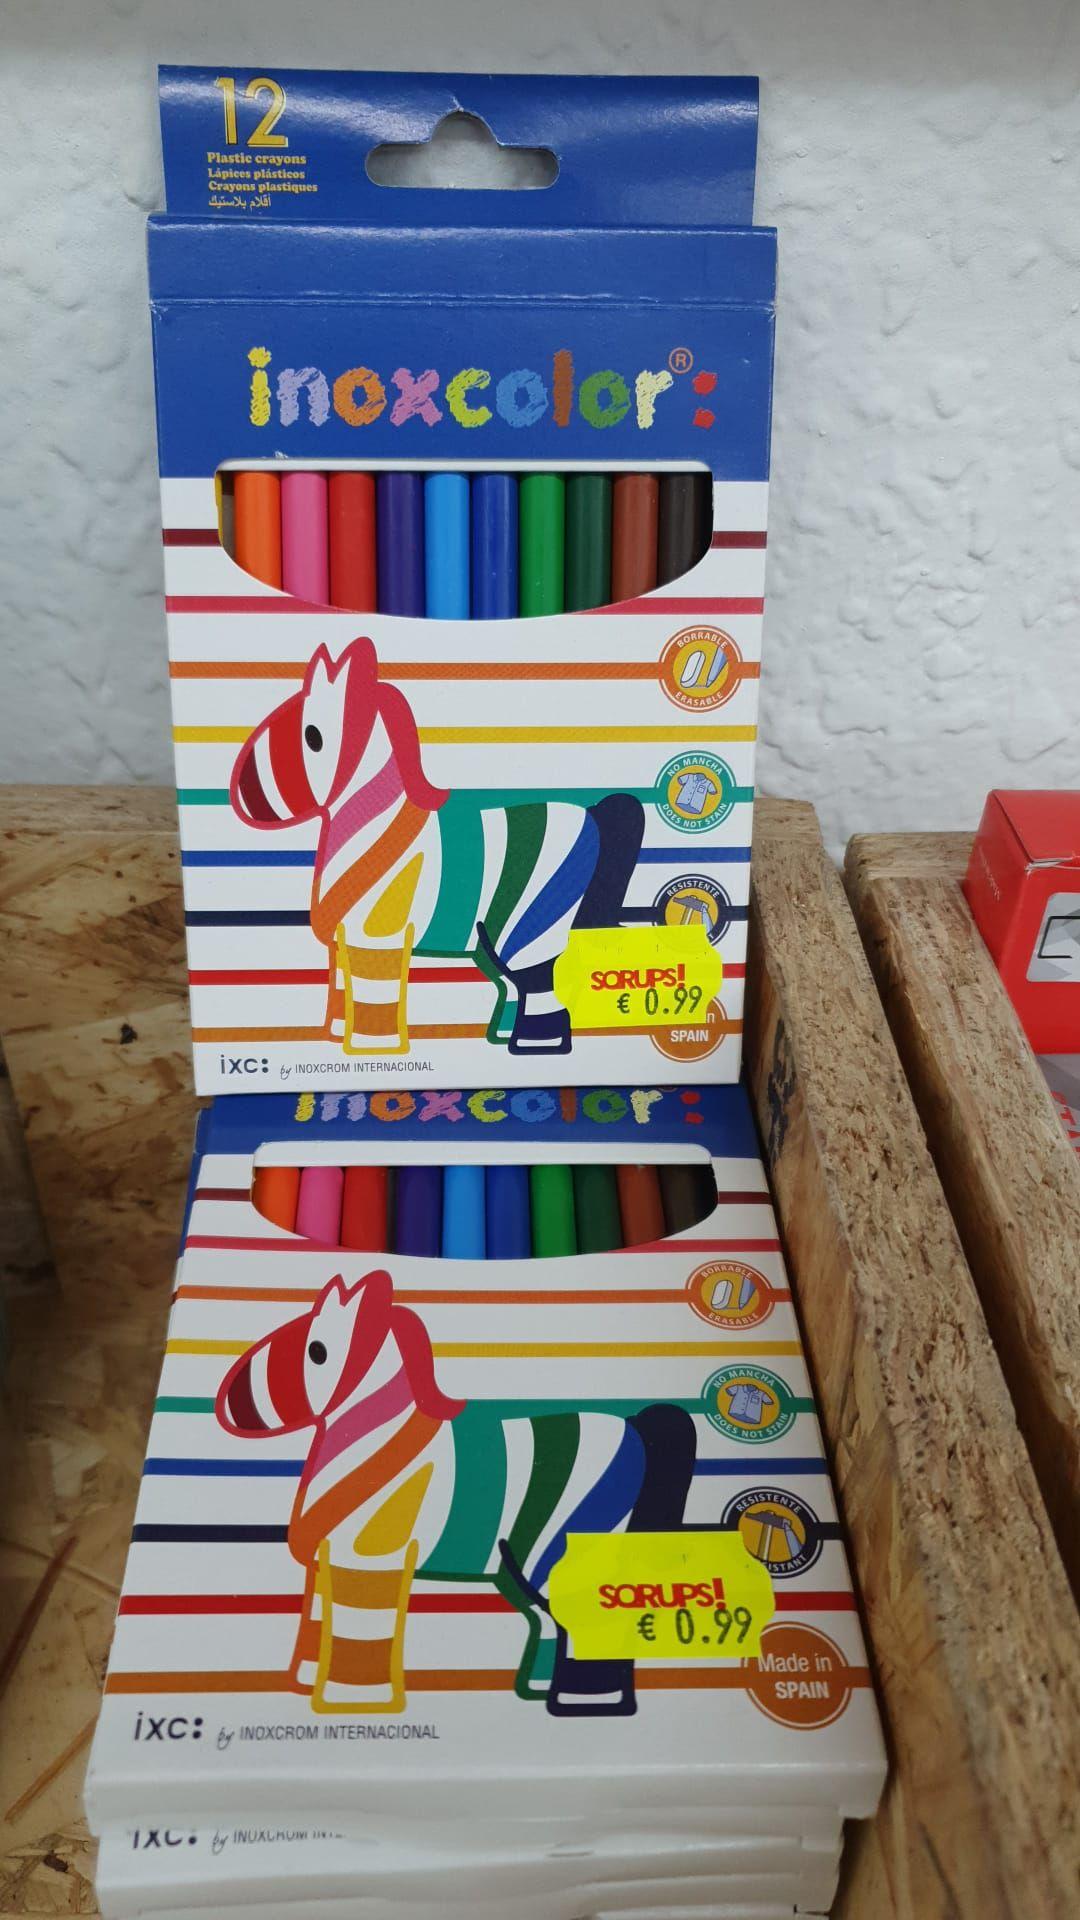 Inoxcolor - Inoxcrom 12 lápices plásticos de colores visto en Sqrups Sant Antoni